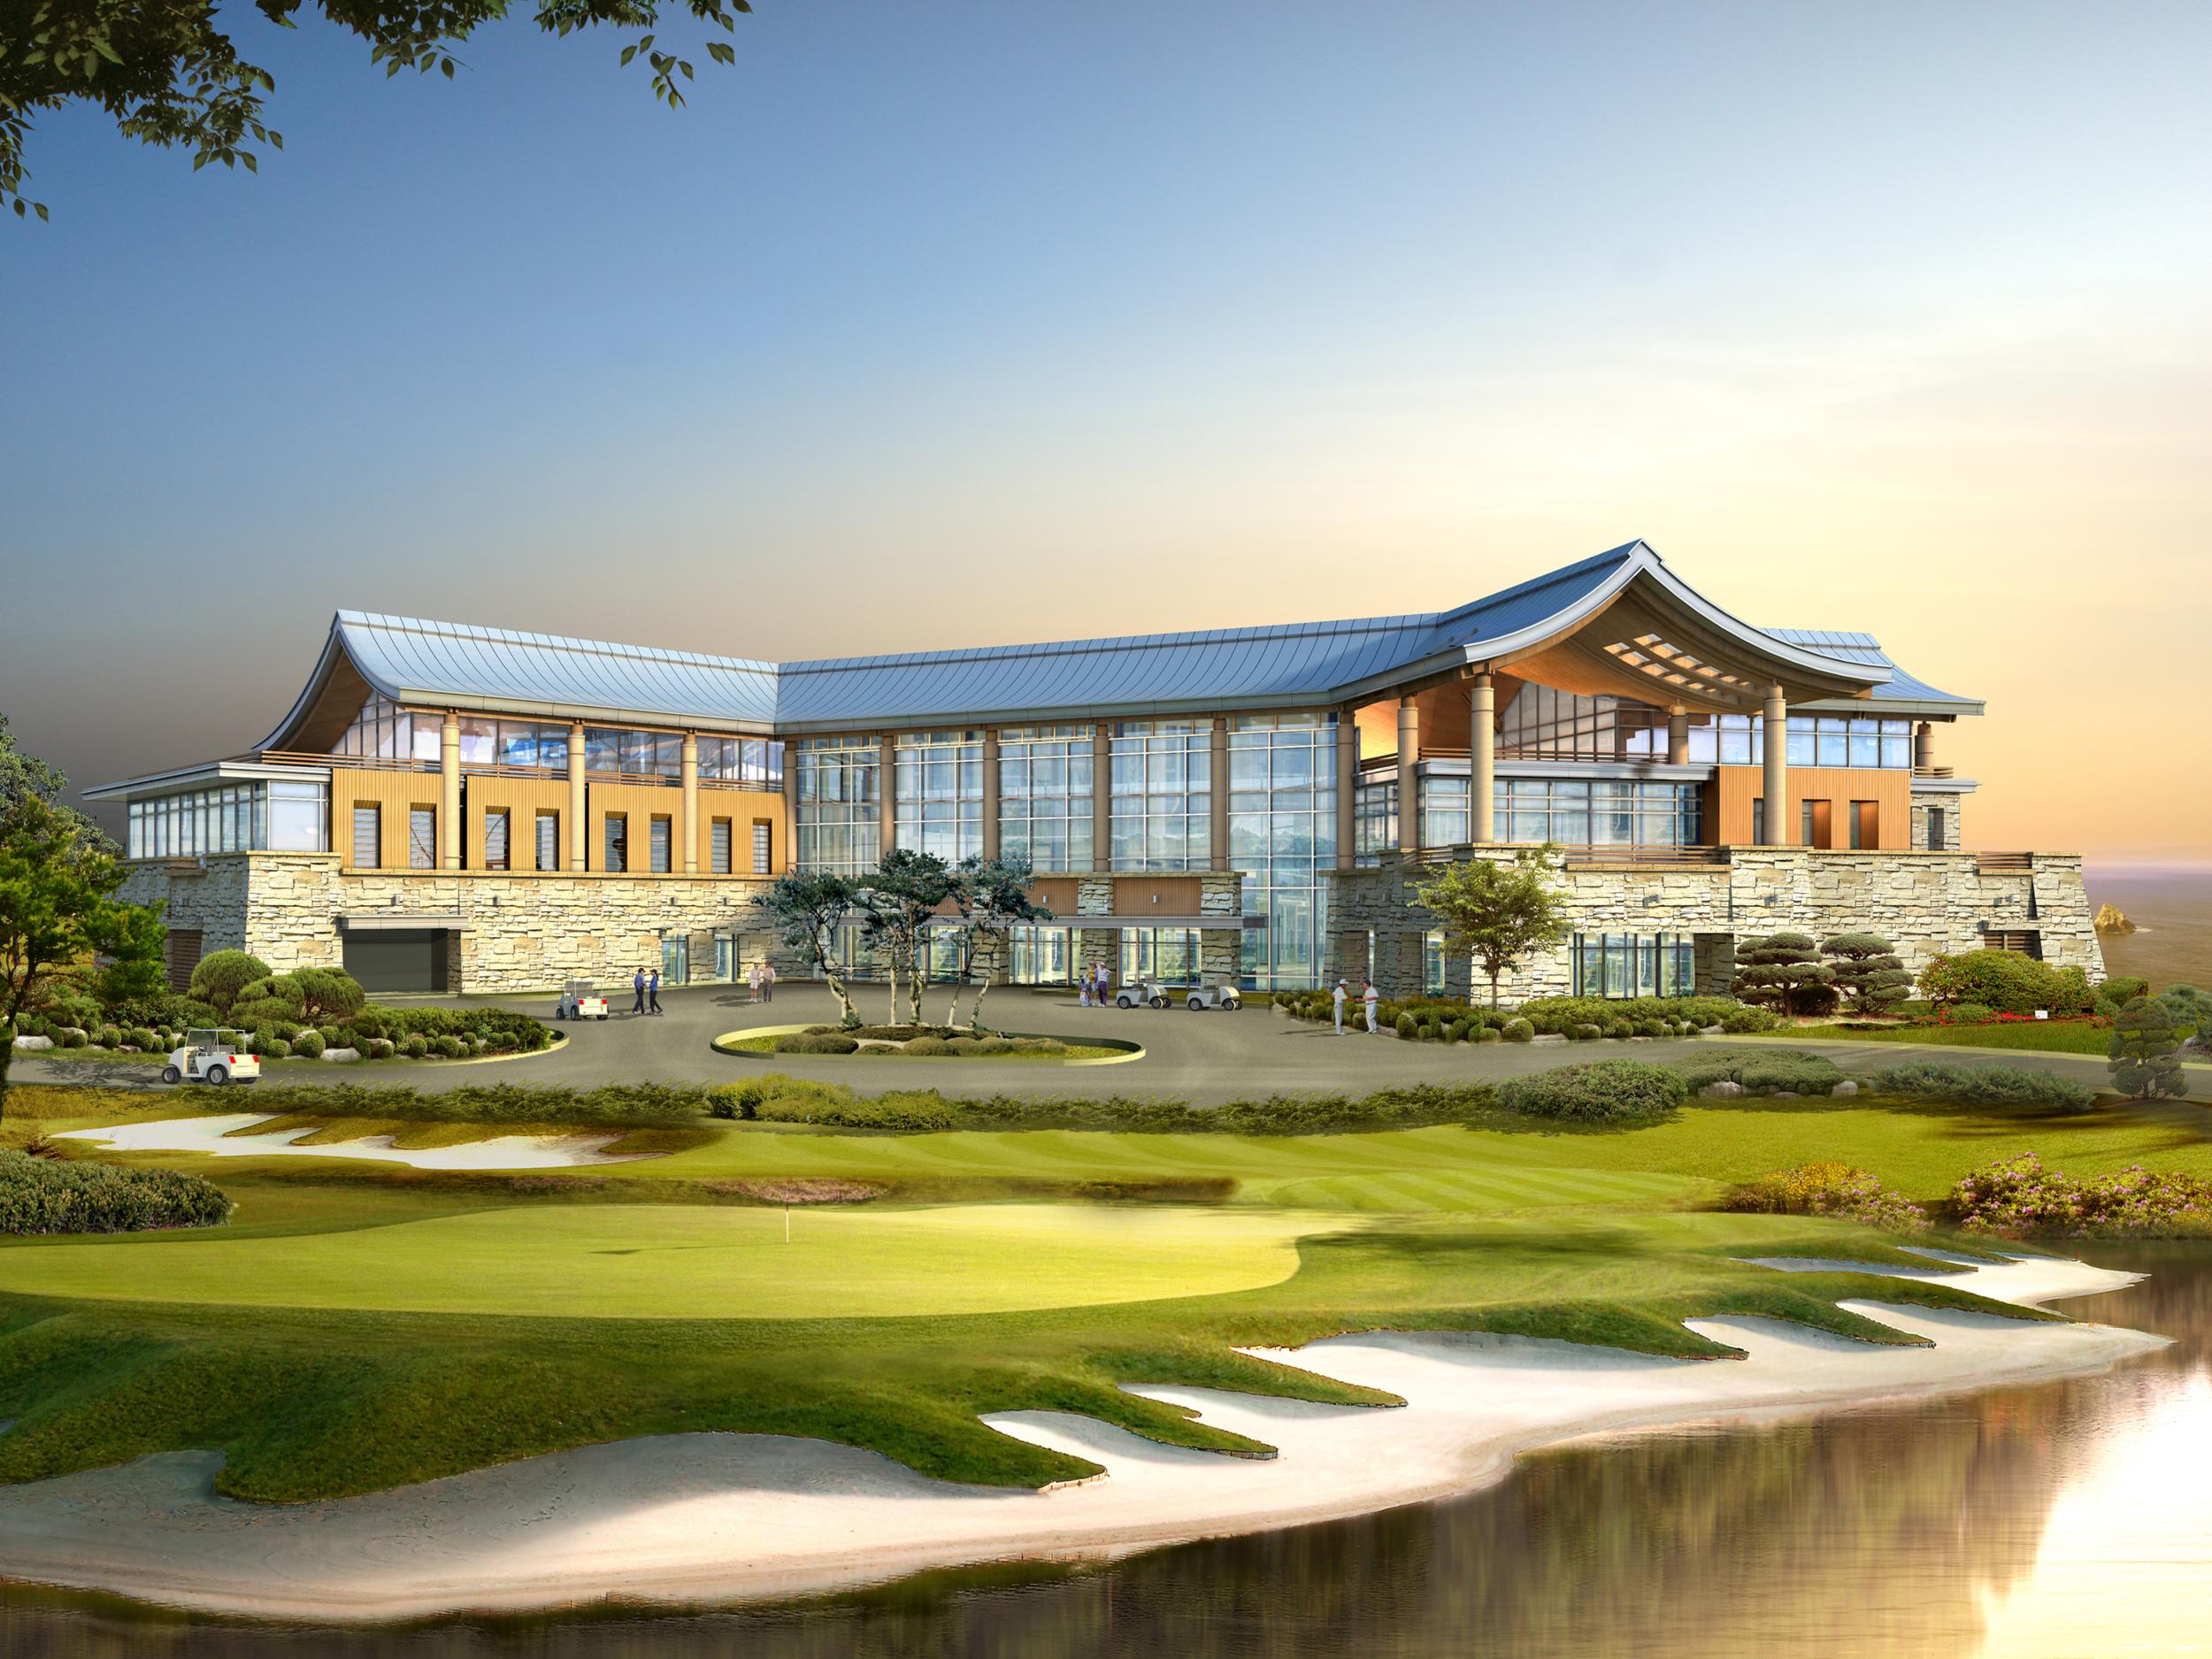 여수 경도 골프 클럽하우스(2011)